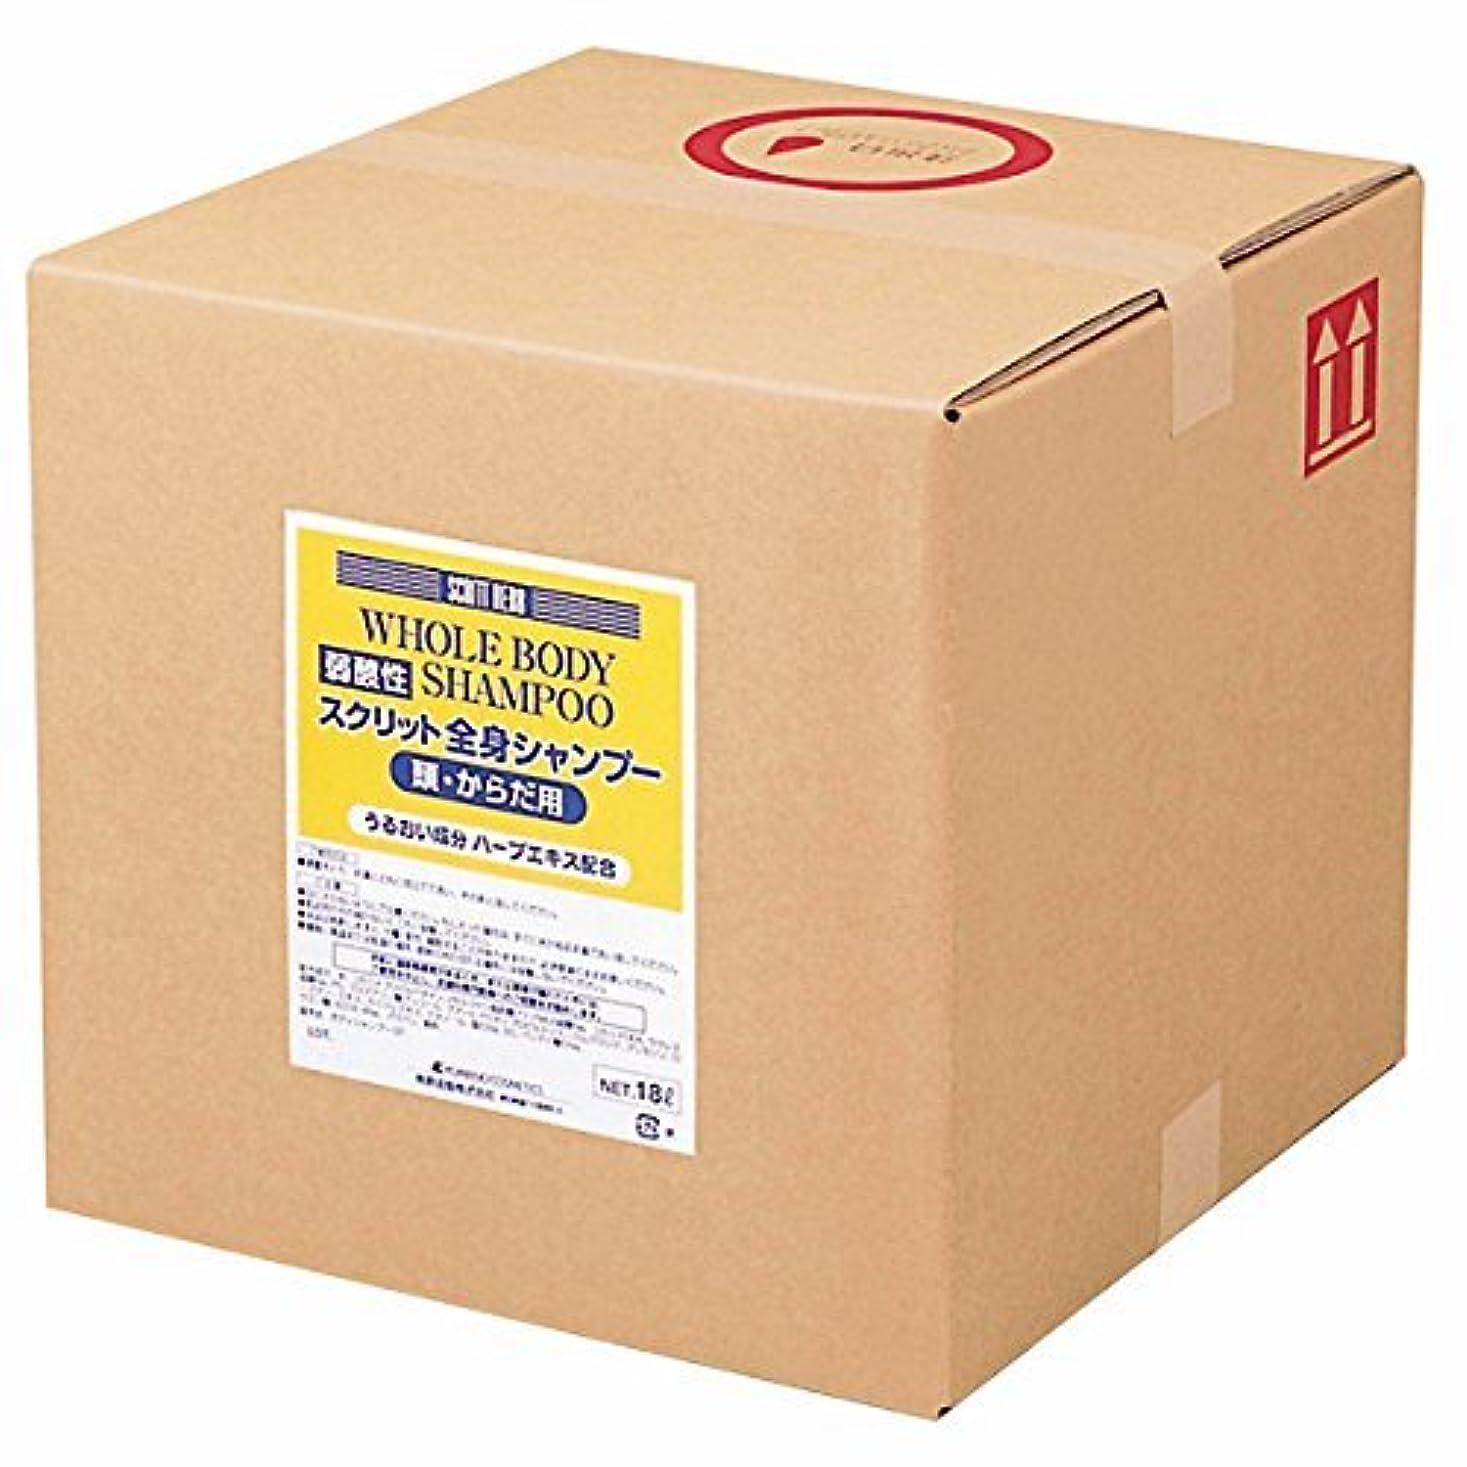 起訴する東部補助熊野油脂 業務用 SCRITT(スクリット) 全身シャンプー 18L